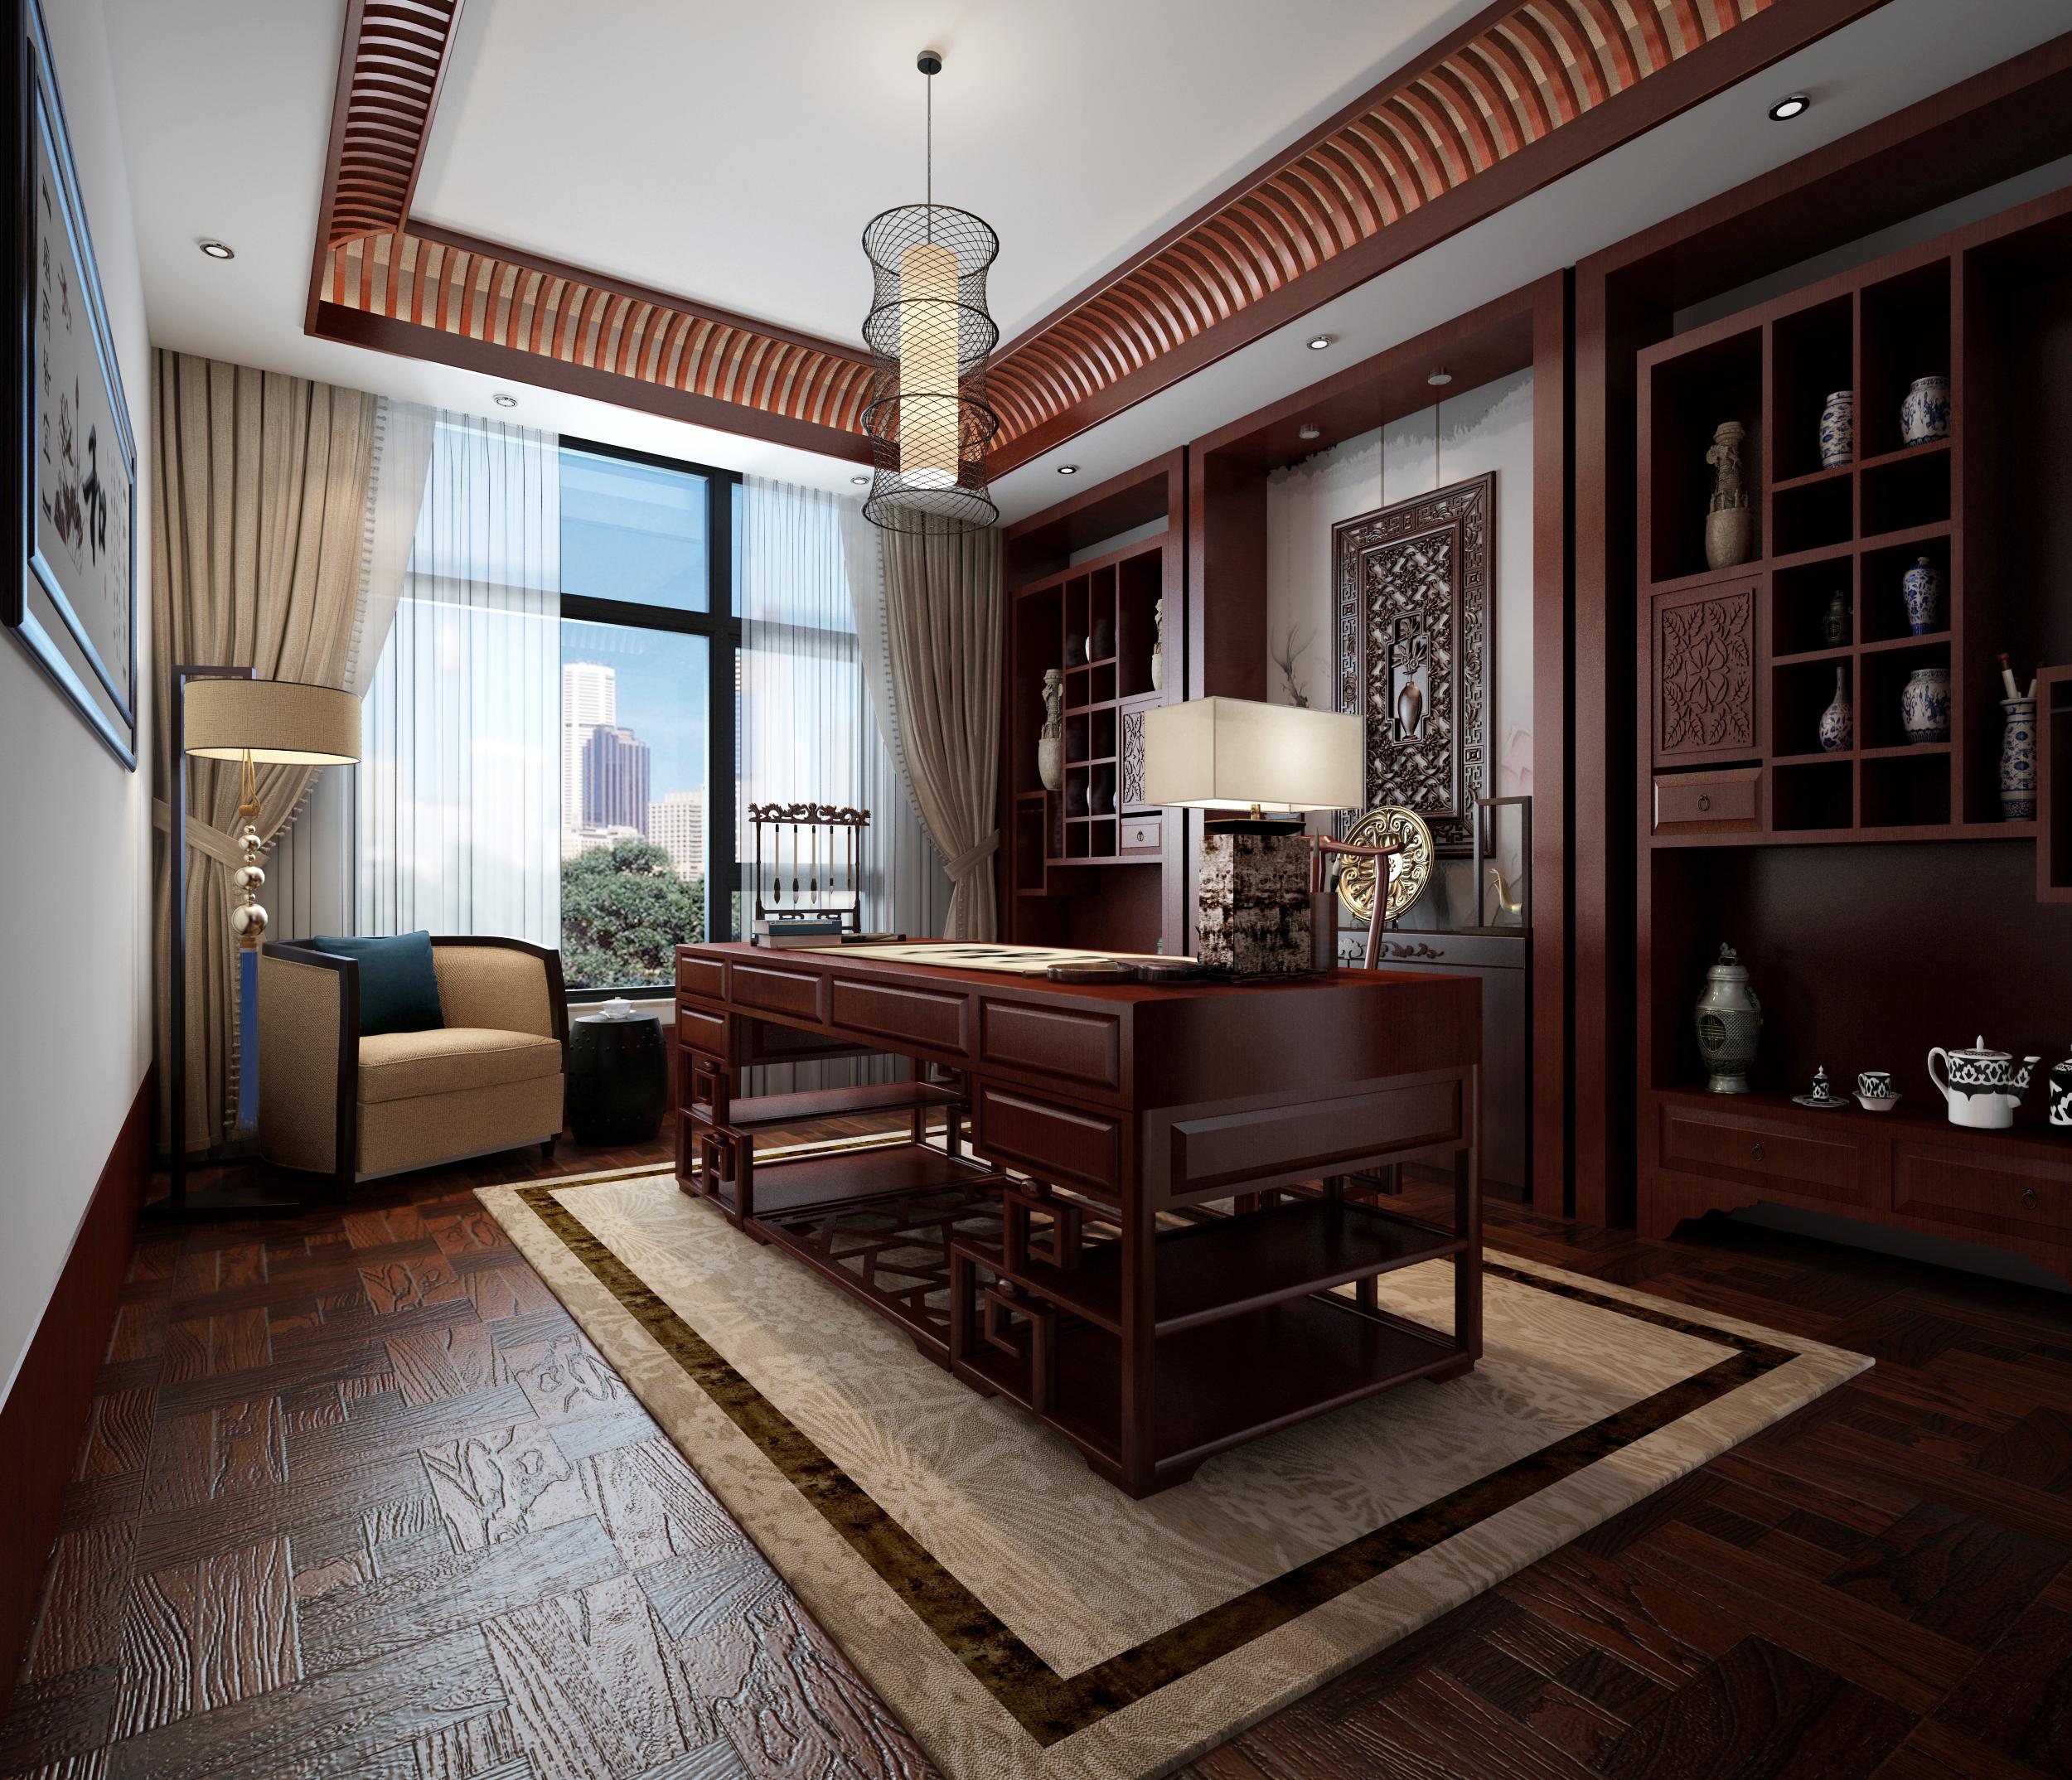 艾力枫社新中式风格别墅装修设计